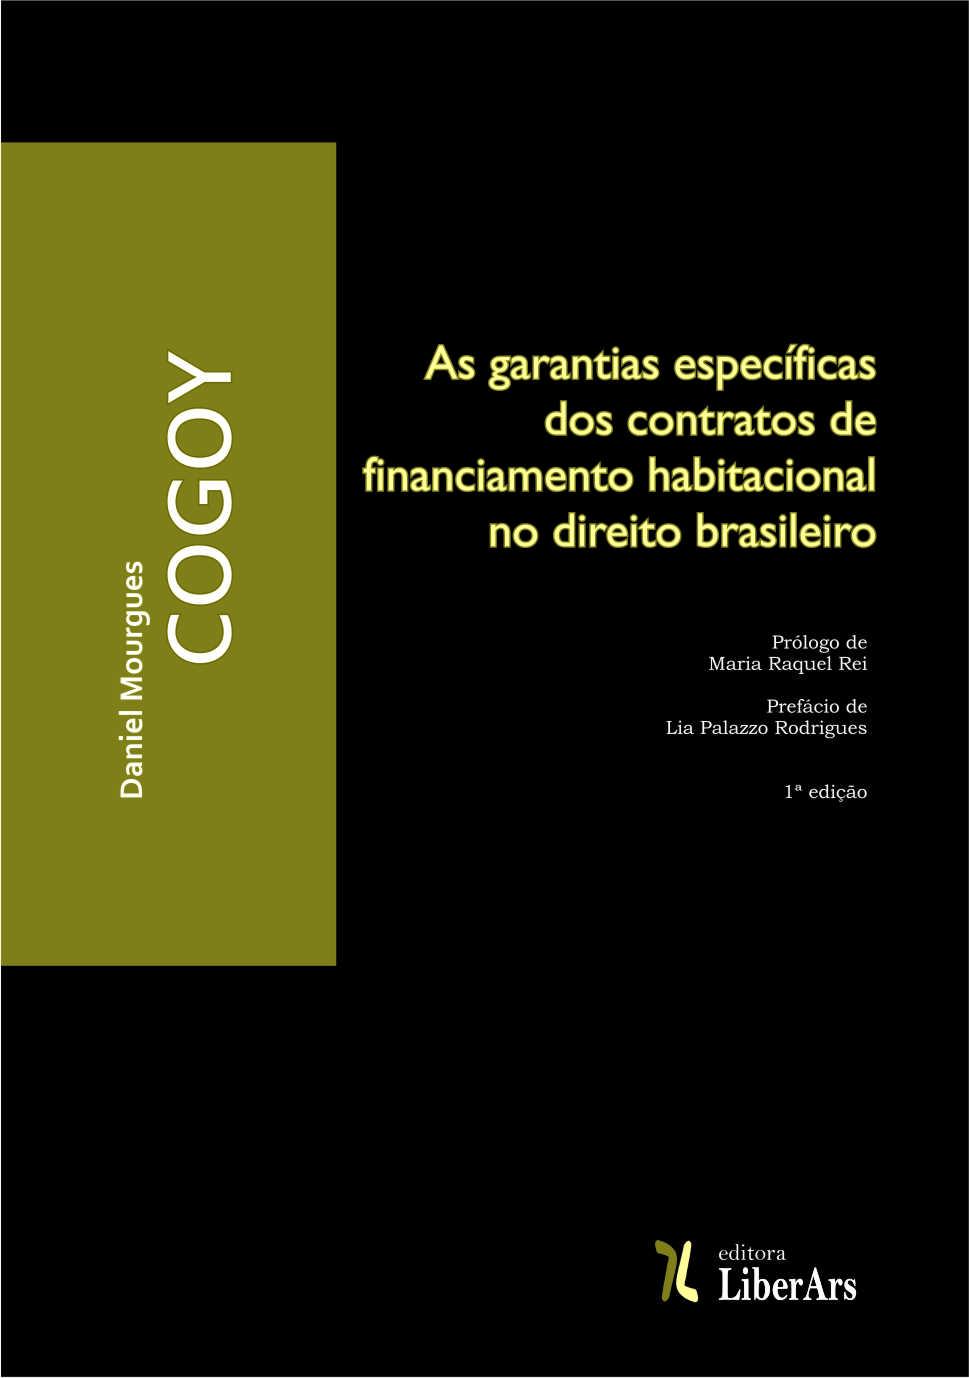 As garantias específicas dos contratos de financiamento habitacional no direito brasileiro, livro de Daniel Mourgues Cogoy